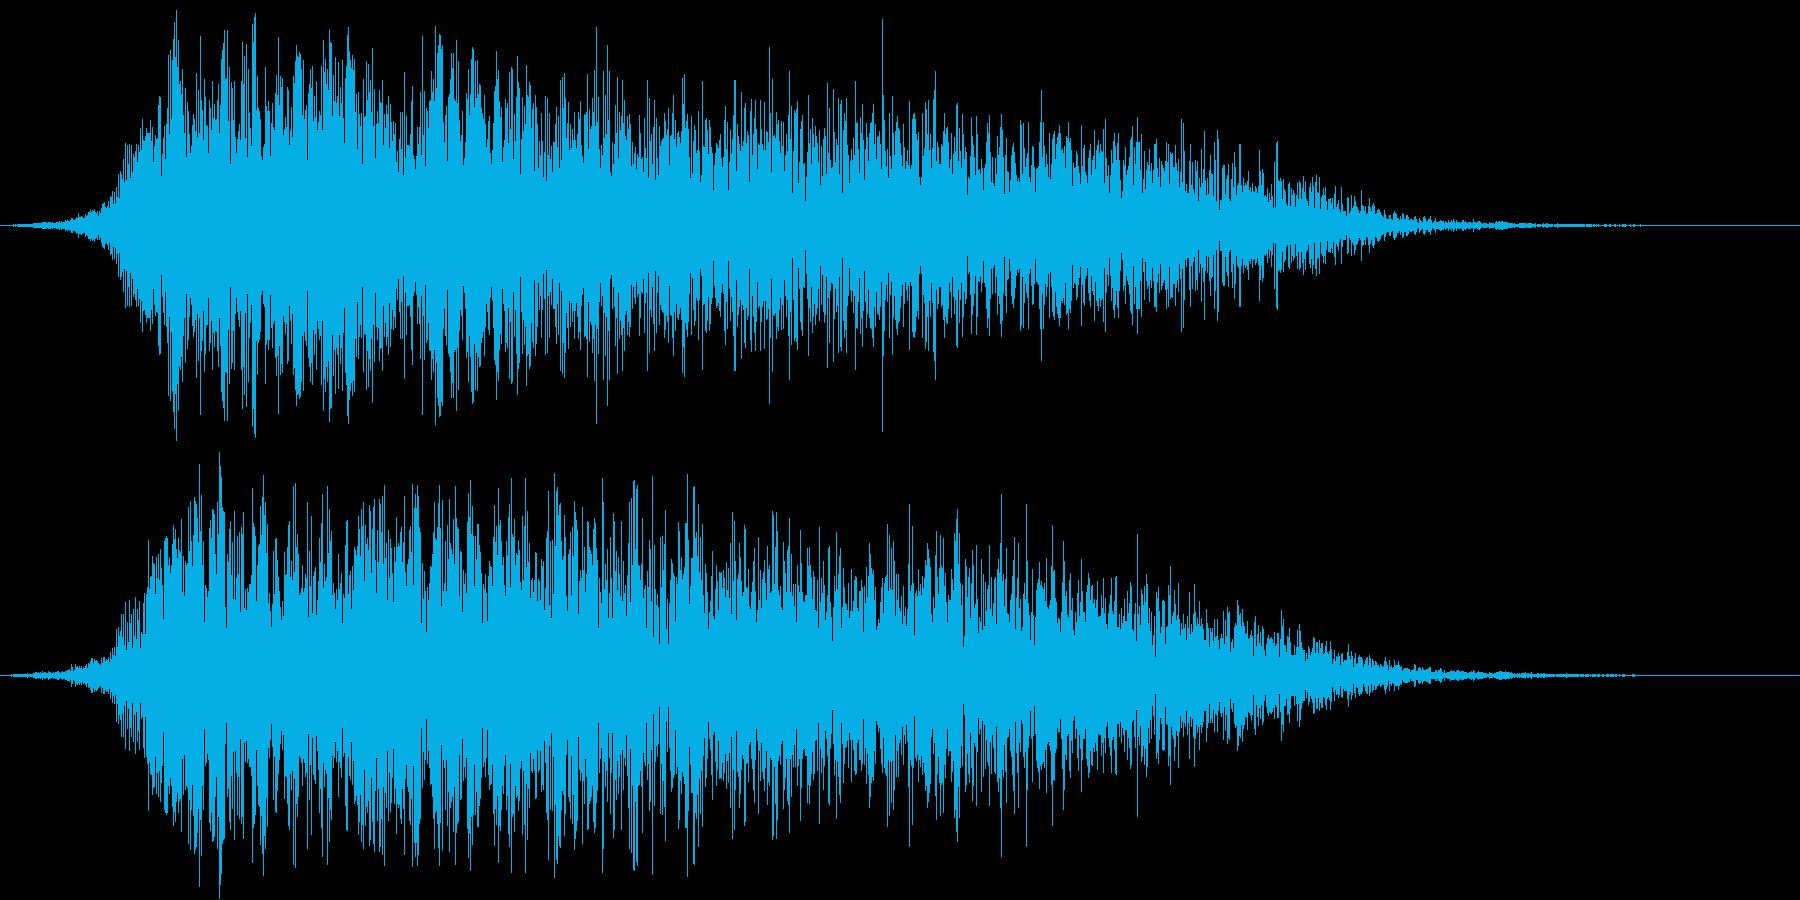 和風掛け声「さー」(男複数)の再生済みの波形